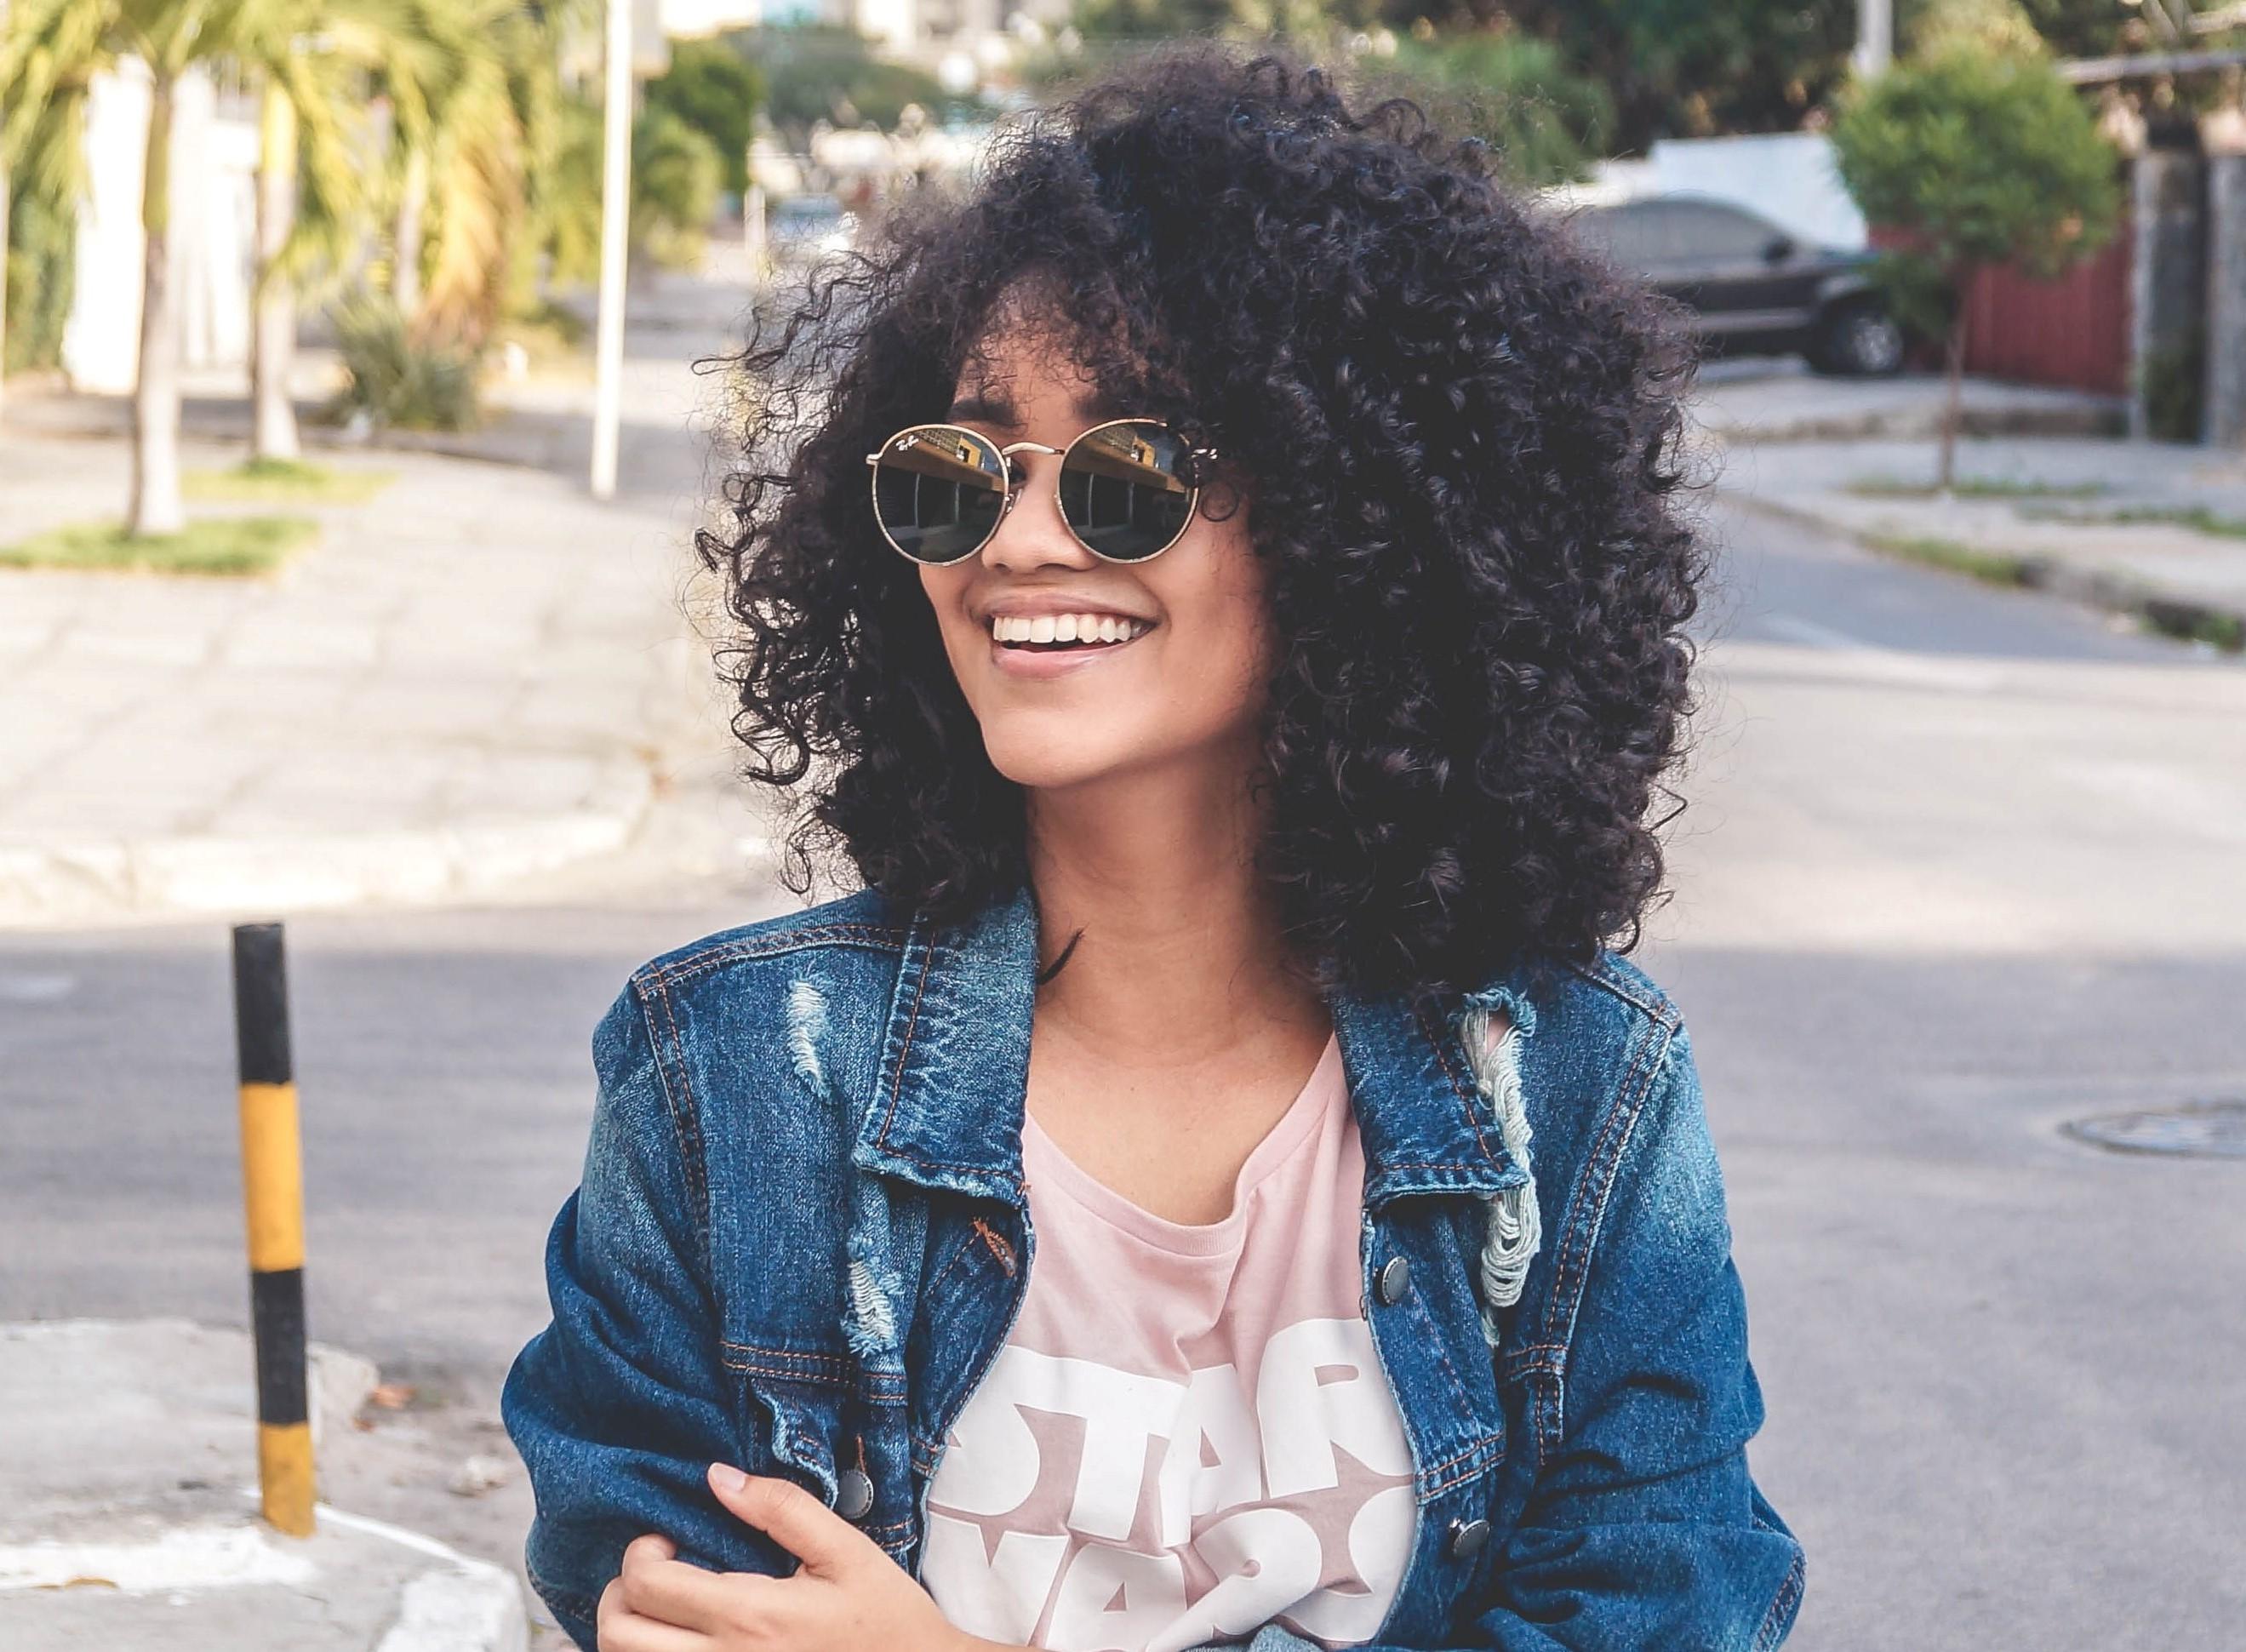 Corta a franja co cabelo crespo - Inspirações e dicas para um cabelo crespo com franja incrível